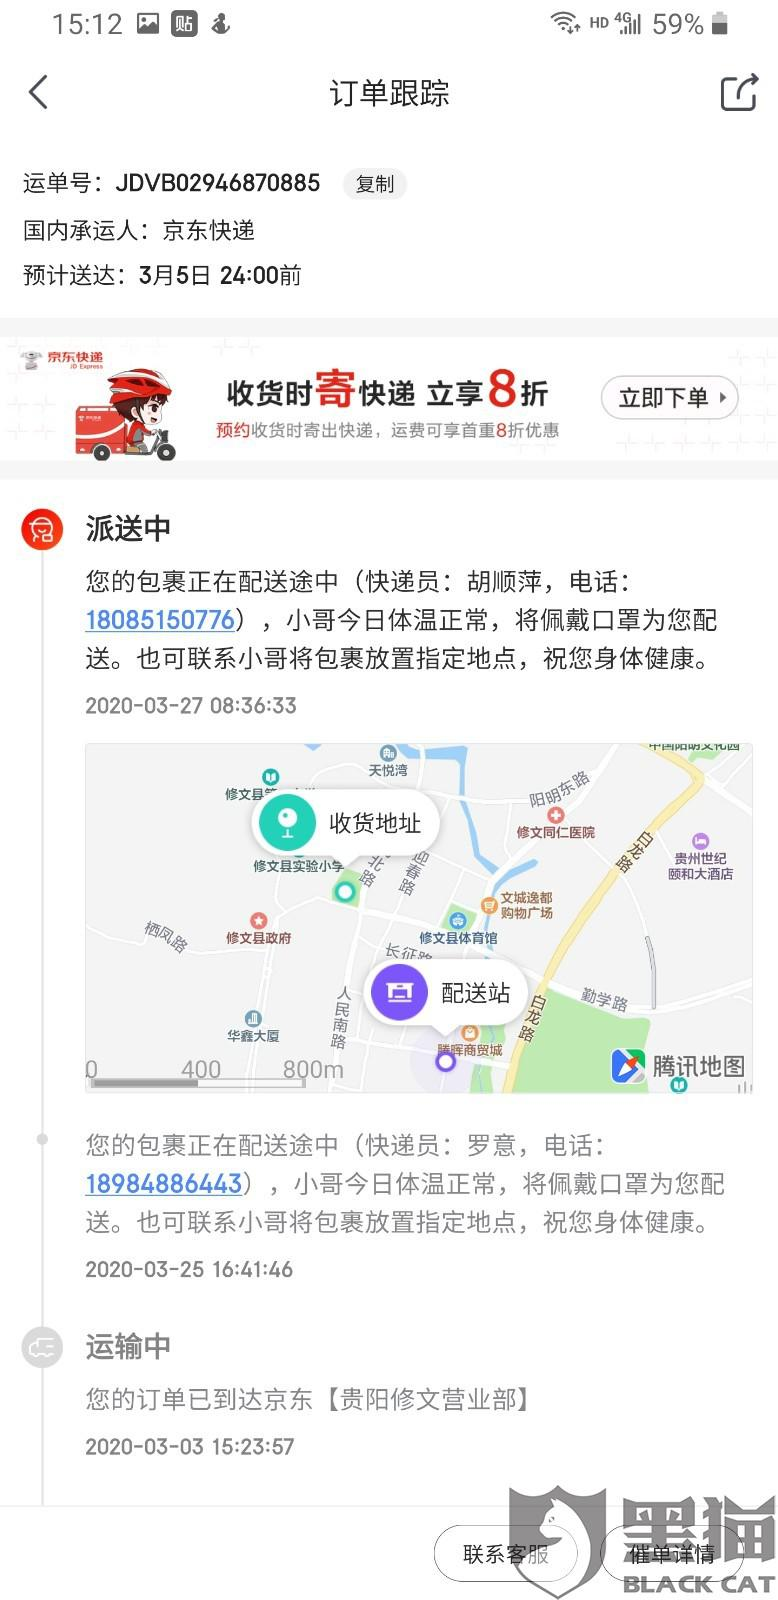 黑猫投诉:京东物流客服用时16小时解决了消费者投诉